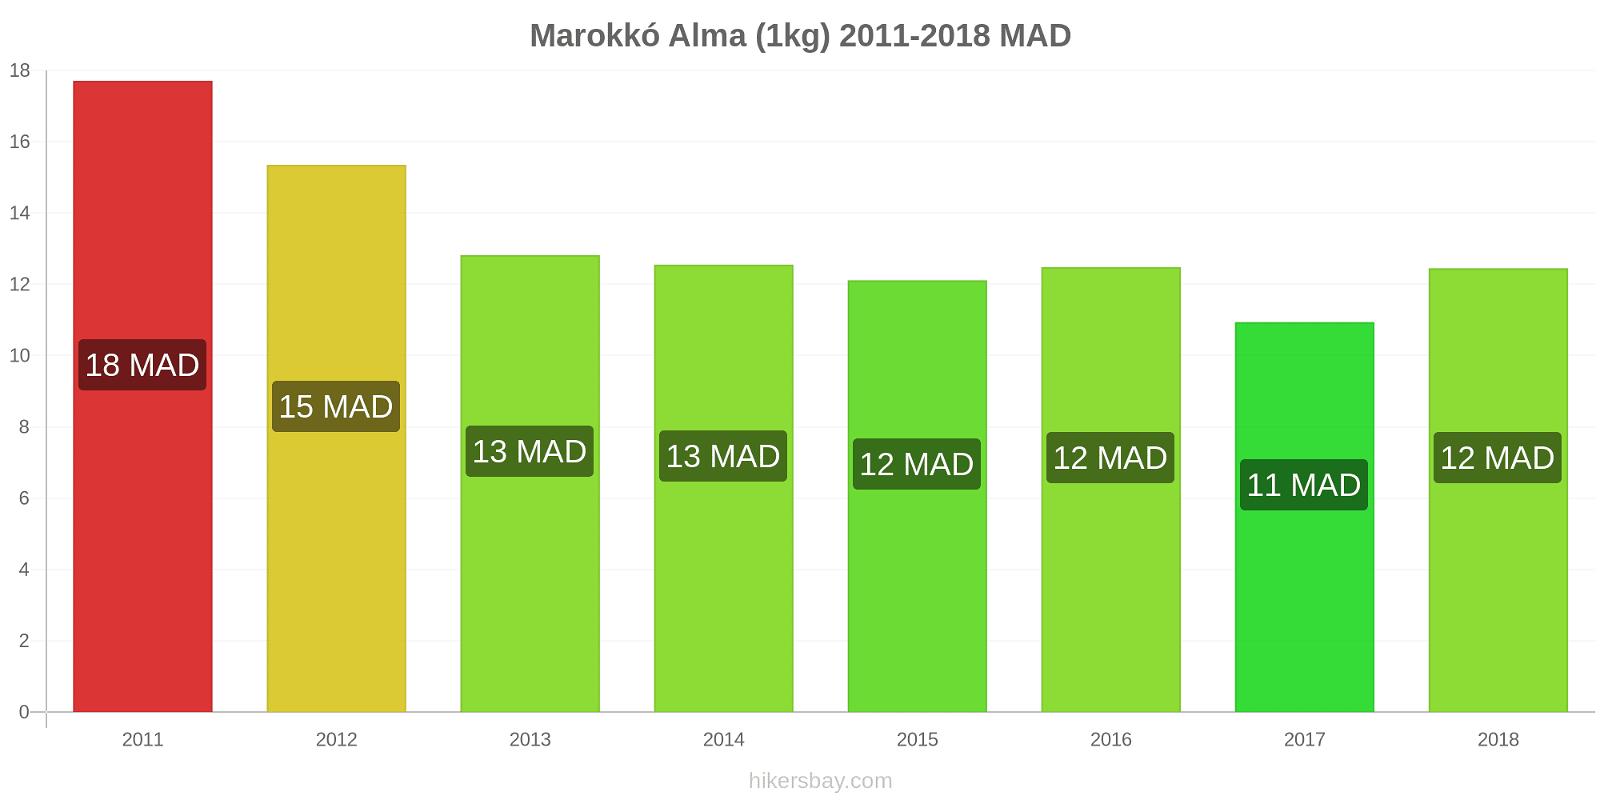 Marokkó árváltozások Alma (1kg) hikersbay.com